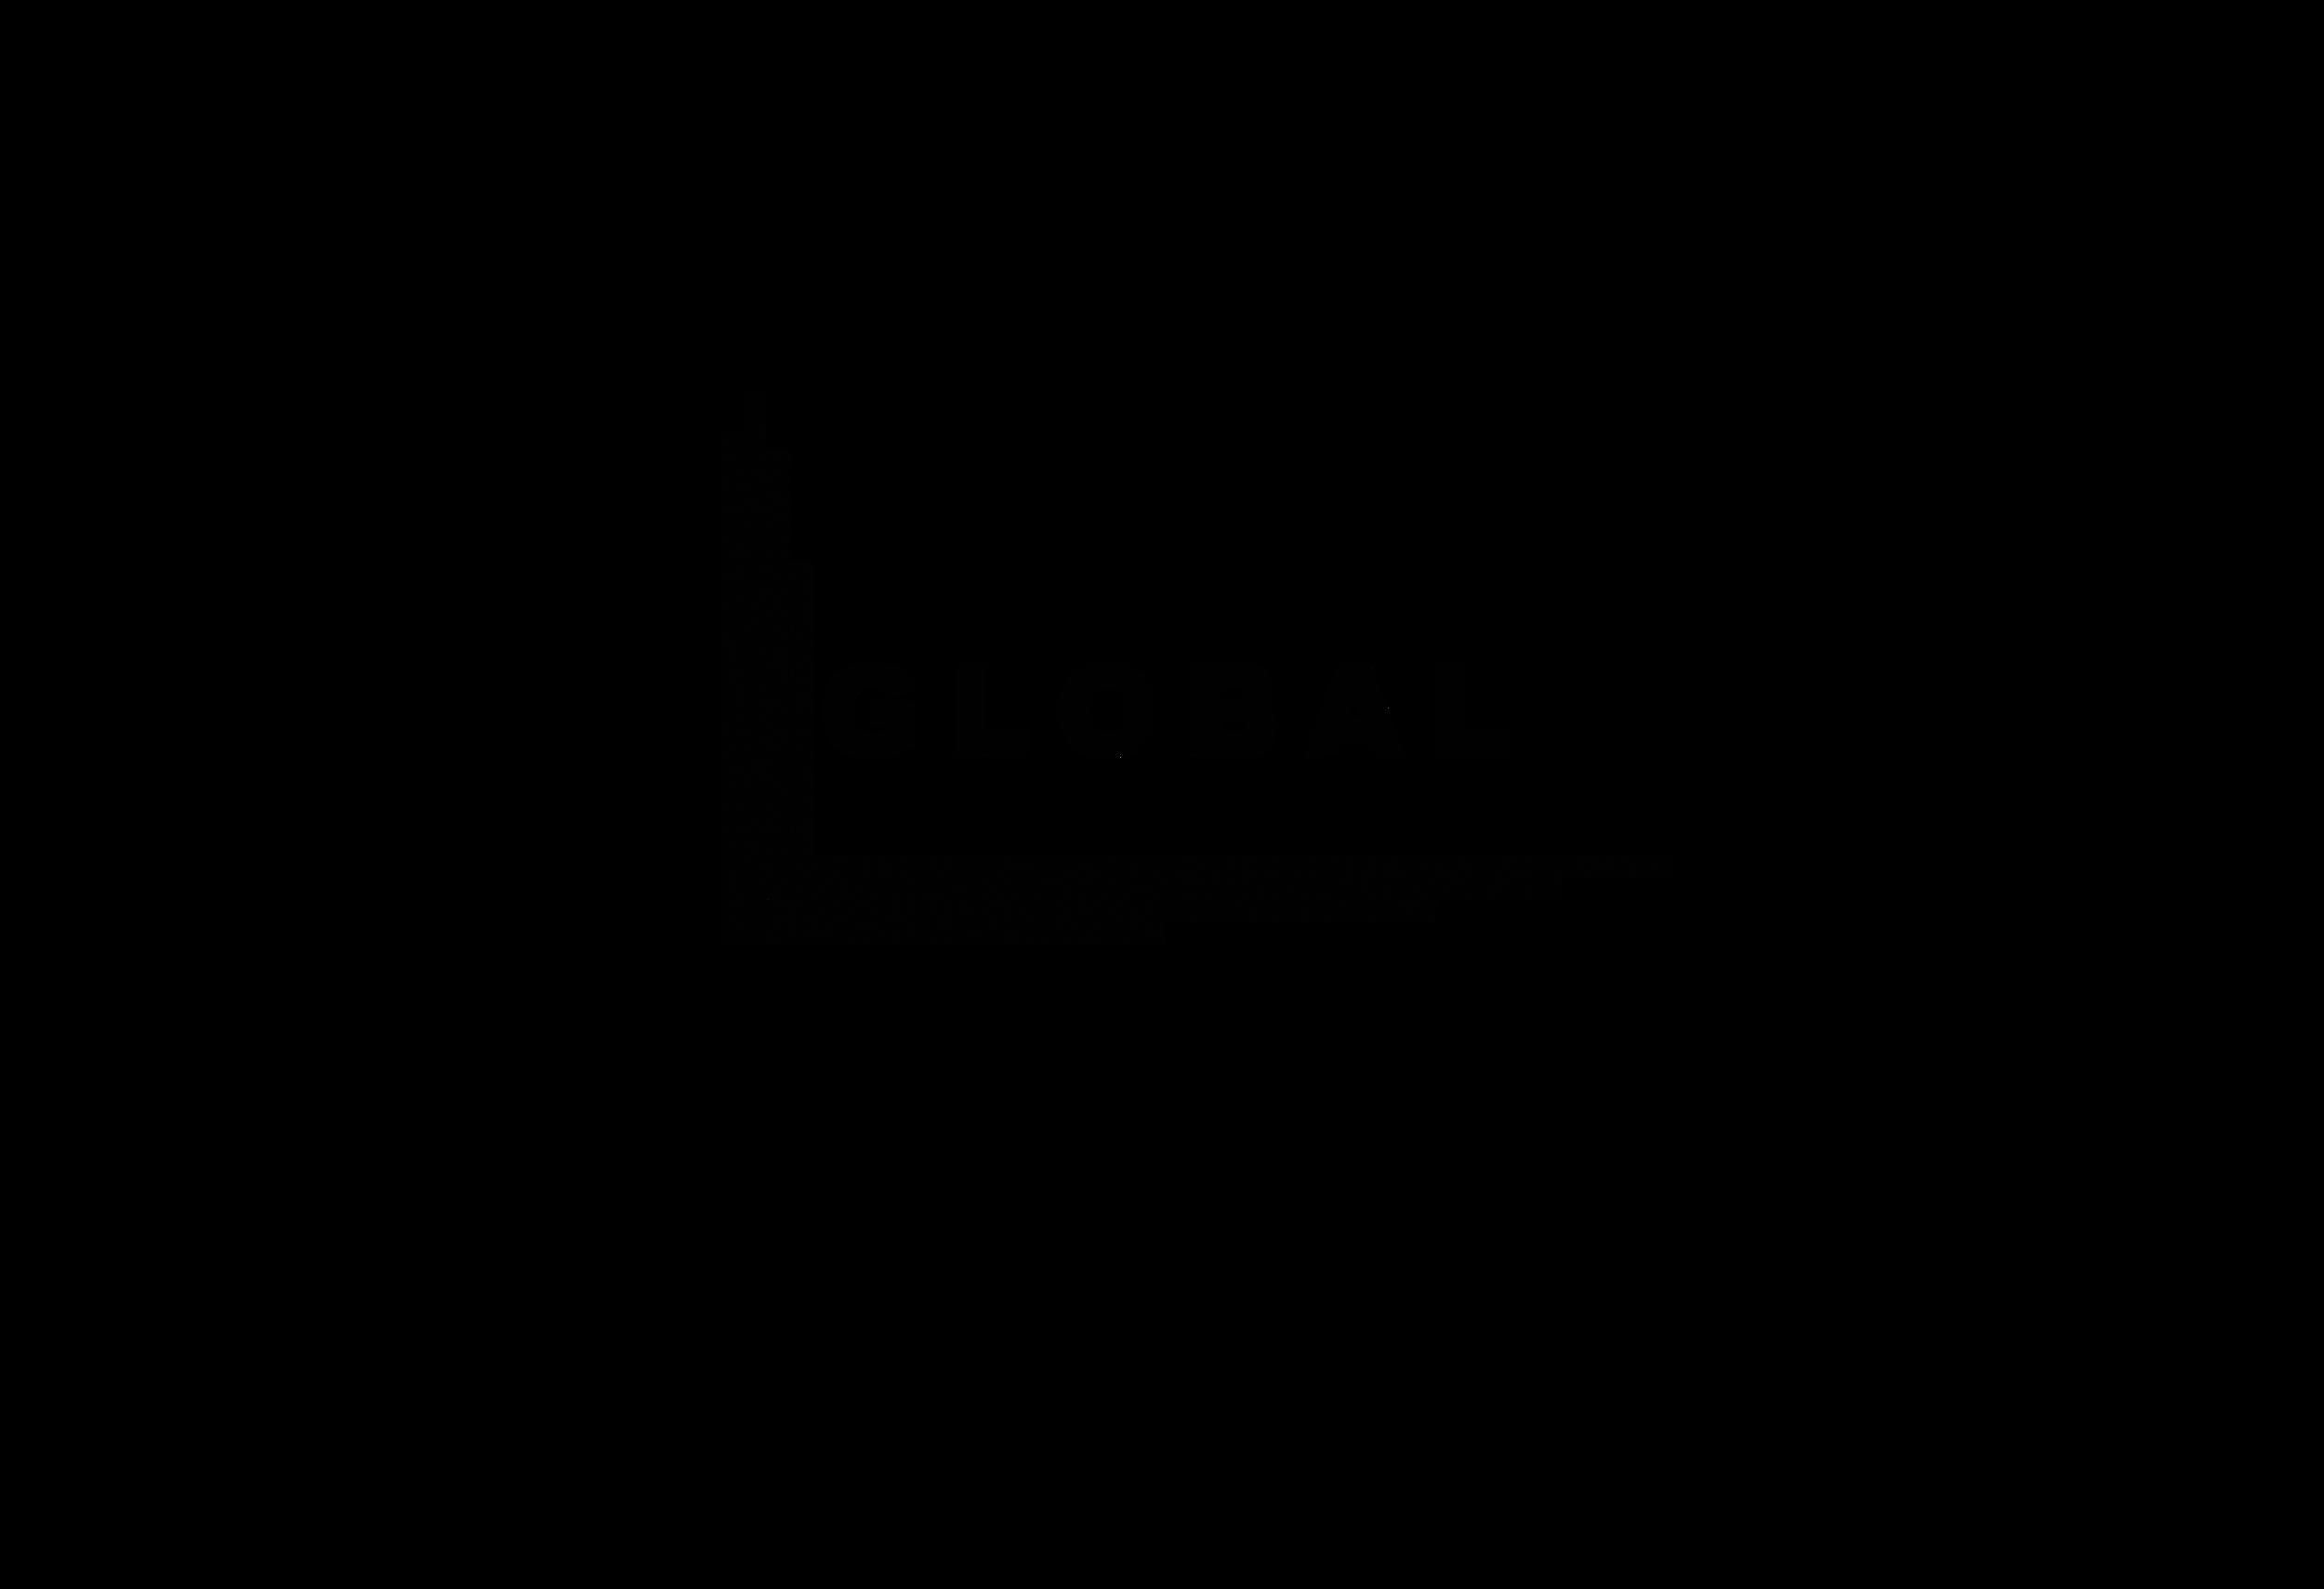 LOGO_DOCSMX-1.png